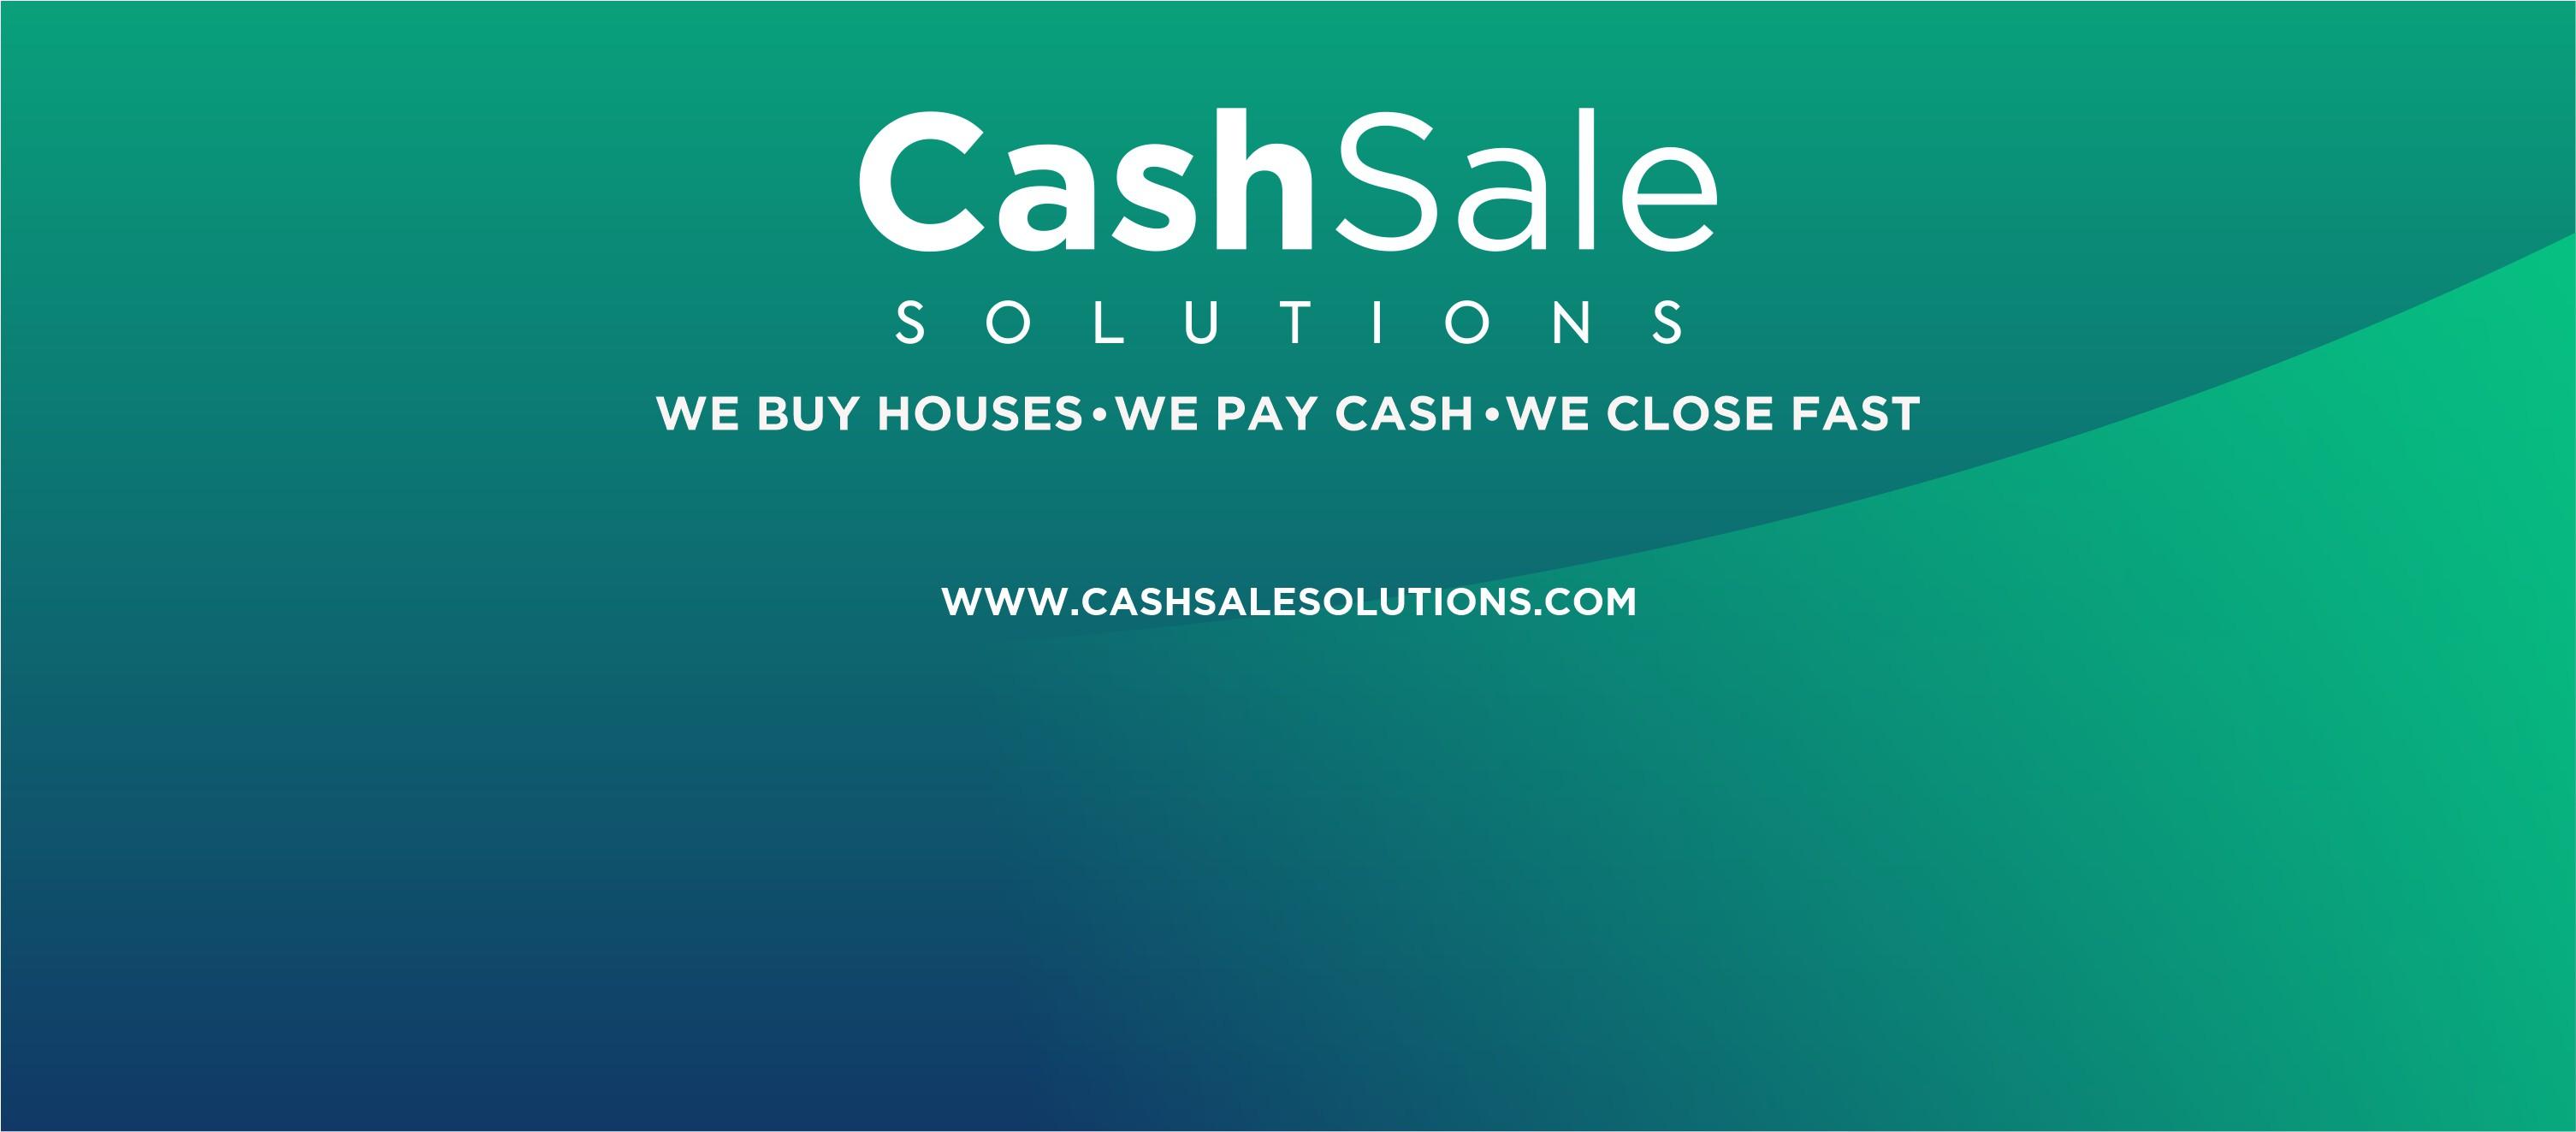 Cash Sale Solutions